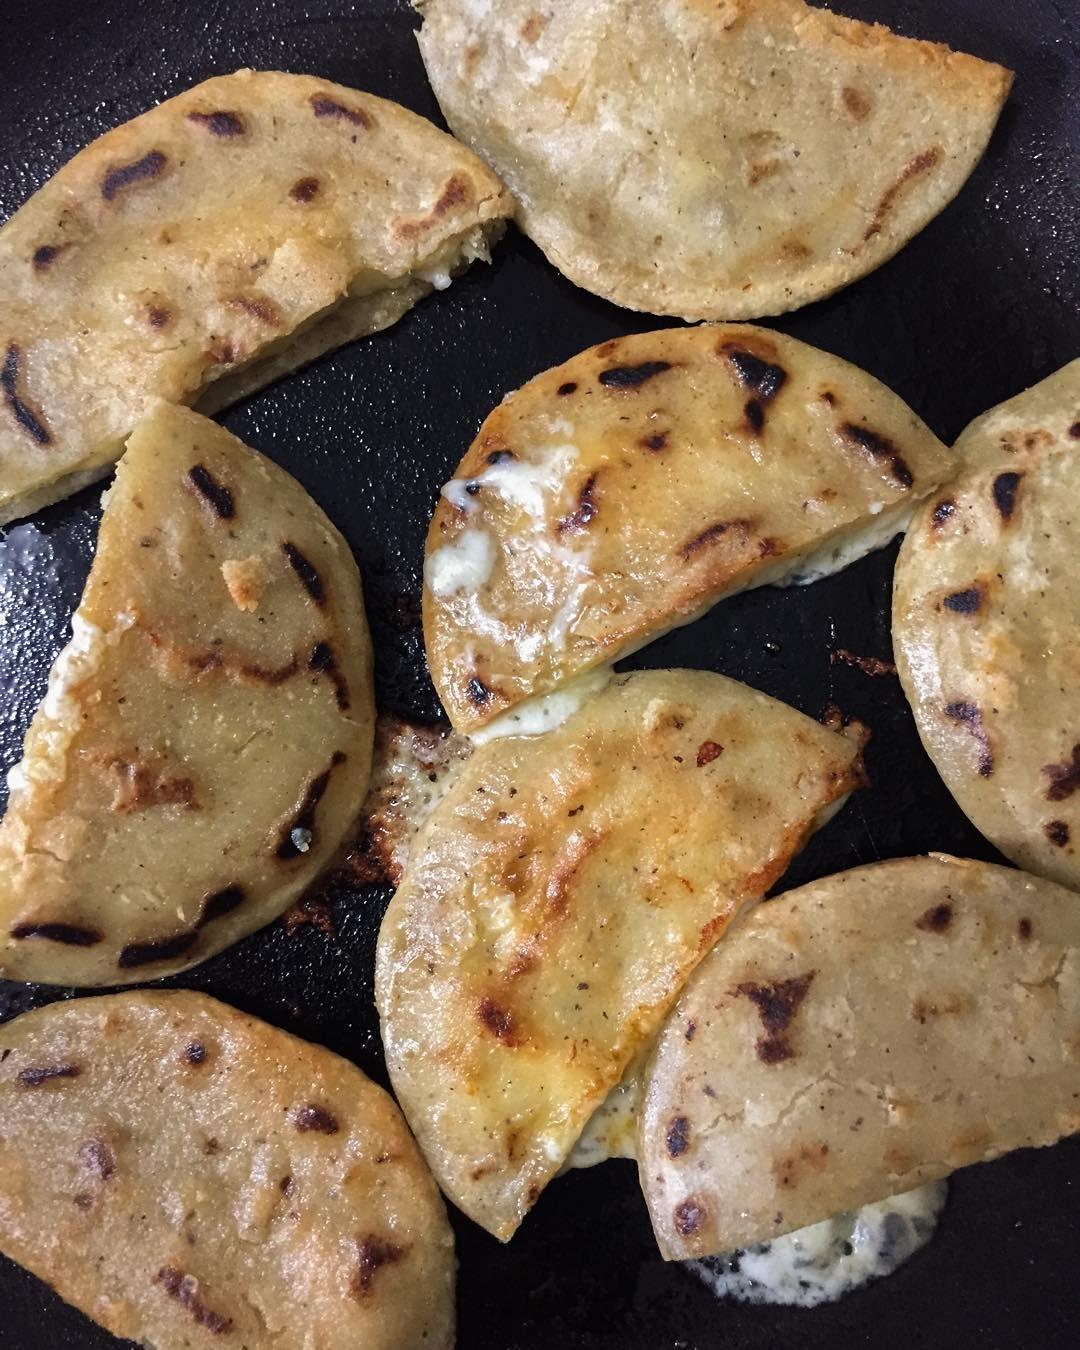 Tortillas Fritas Con Quesillo Elsalvadorfood Tortillas Fritas Con Quesillo Salvadorian Food Salvadoran Food Mexican Food Recipes